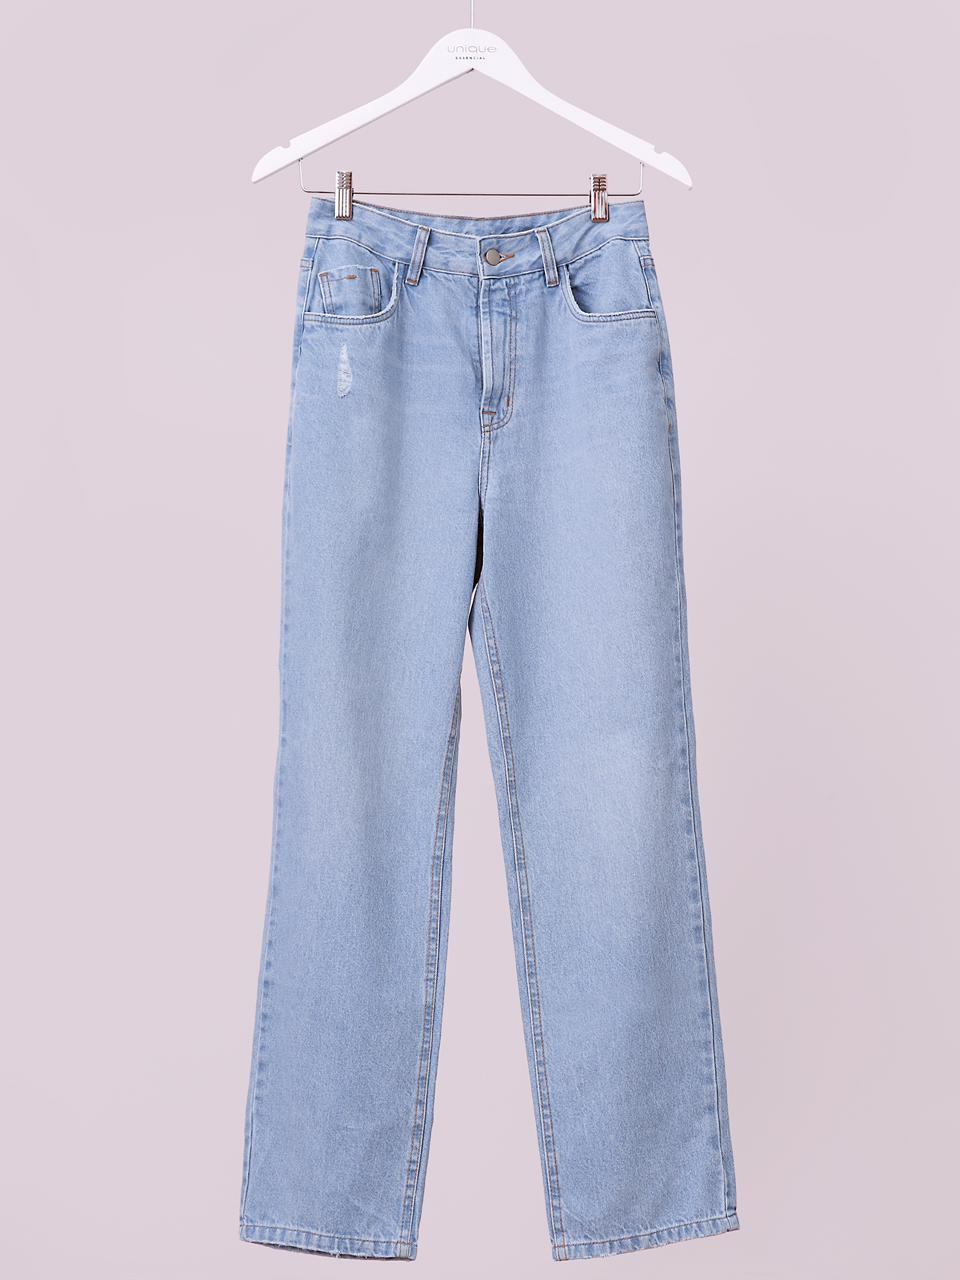 Calça Unique Jeans Cropped Reta (Forro) 100% Algodão